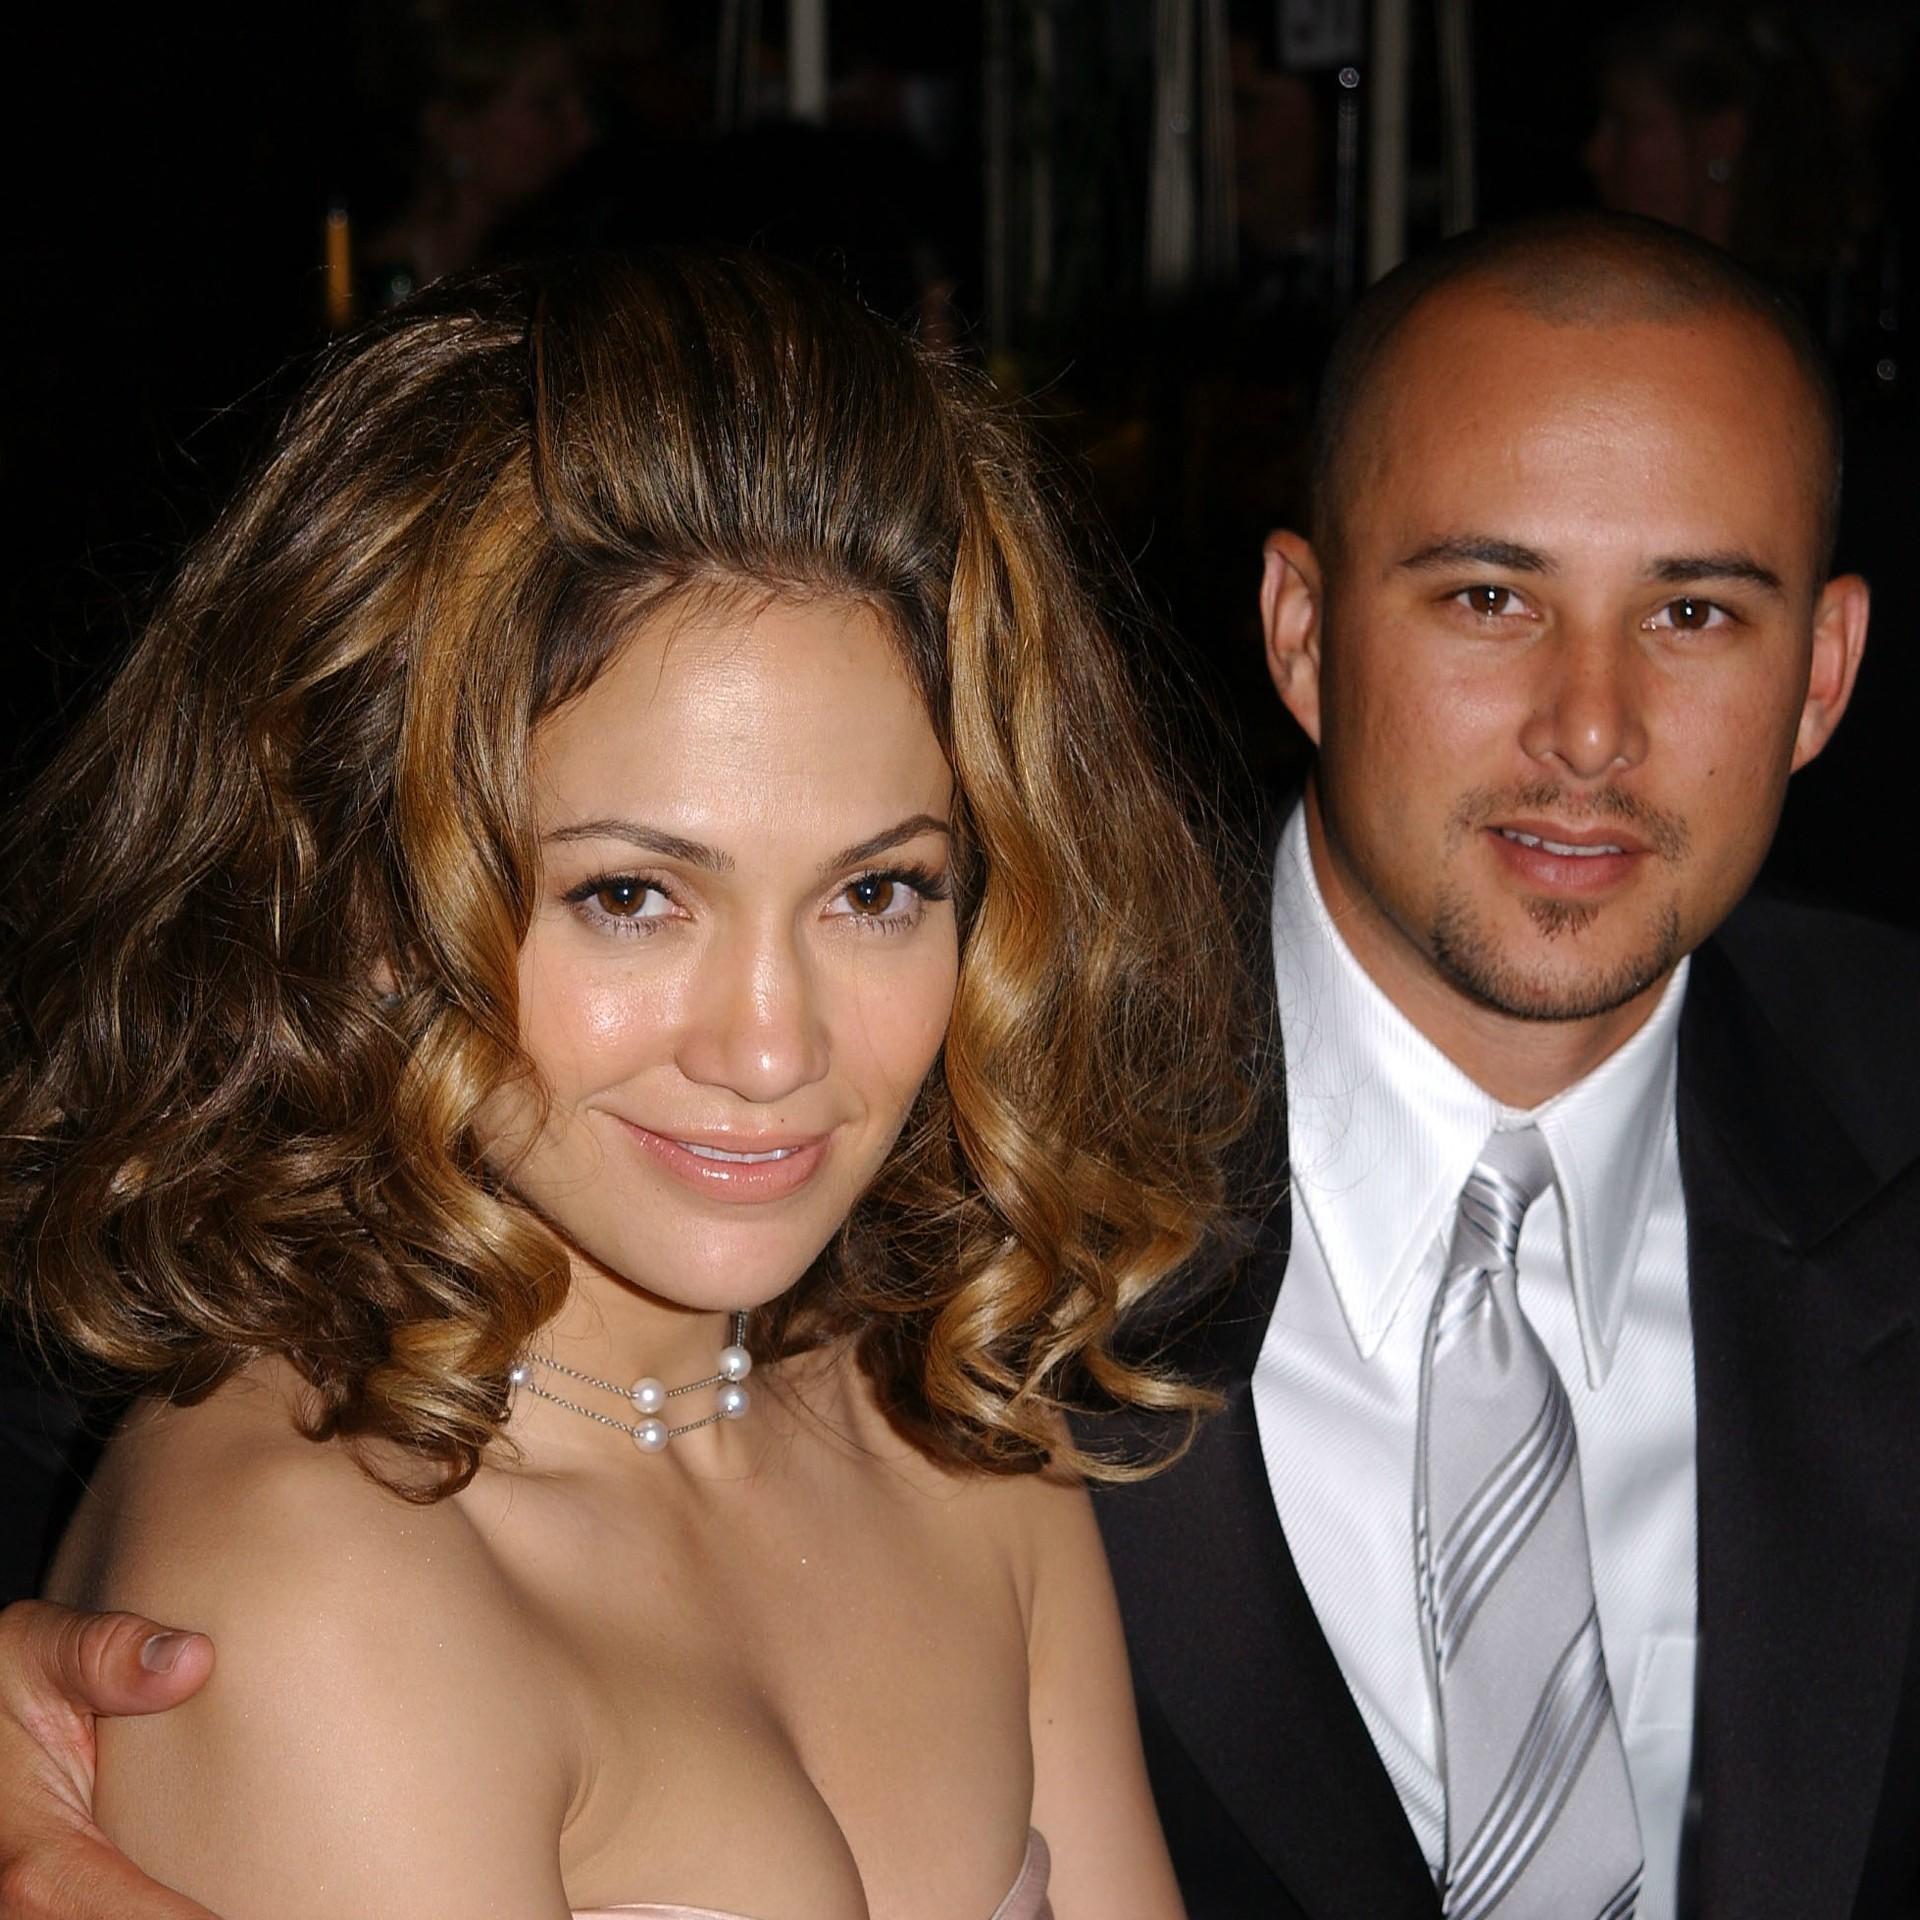 Jennifer Lopez e o ator e coreógrafo Cris Judd, ambos de 44 anos, se casaram em setembro de 2001. Em junho do ano seguinte, contaram que já estavam separados havia um mês. E antes de aquele ano acabar, em novembro, J.Lo ficou noiva do ator Ben Affleck. (Foto: Getty Images)